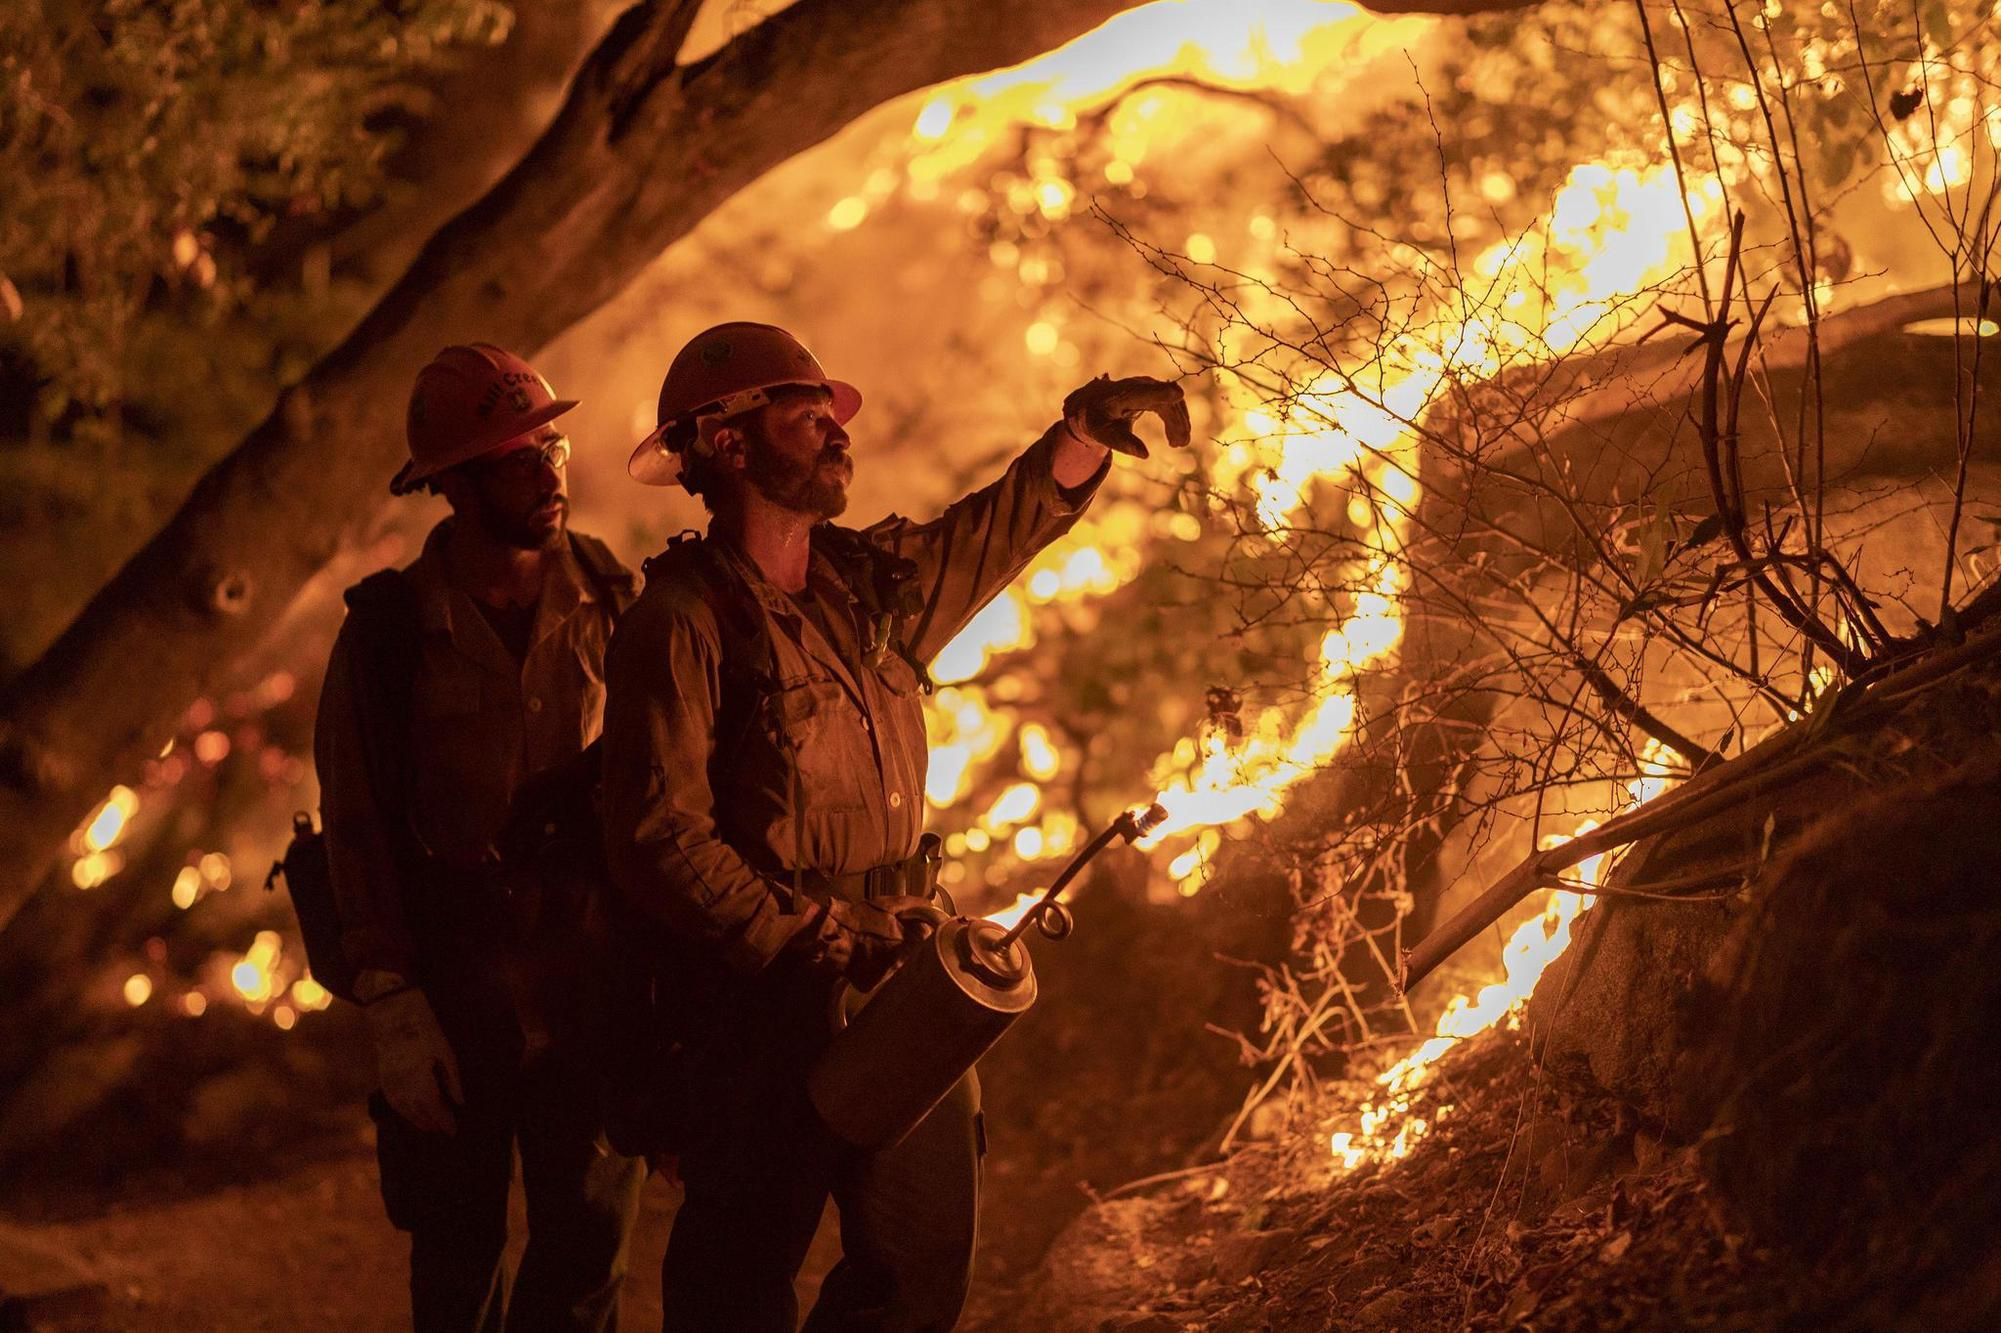 Waldbrände, wie sie seit mehreren Jahren etwa Kalifornien heimsuchen, werden vermehrt ausbrechen. AFP